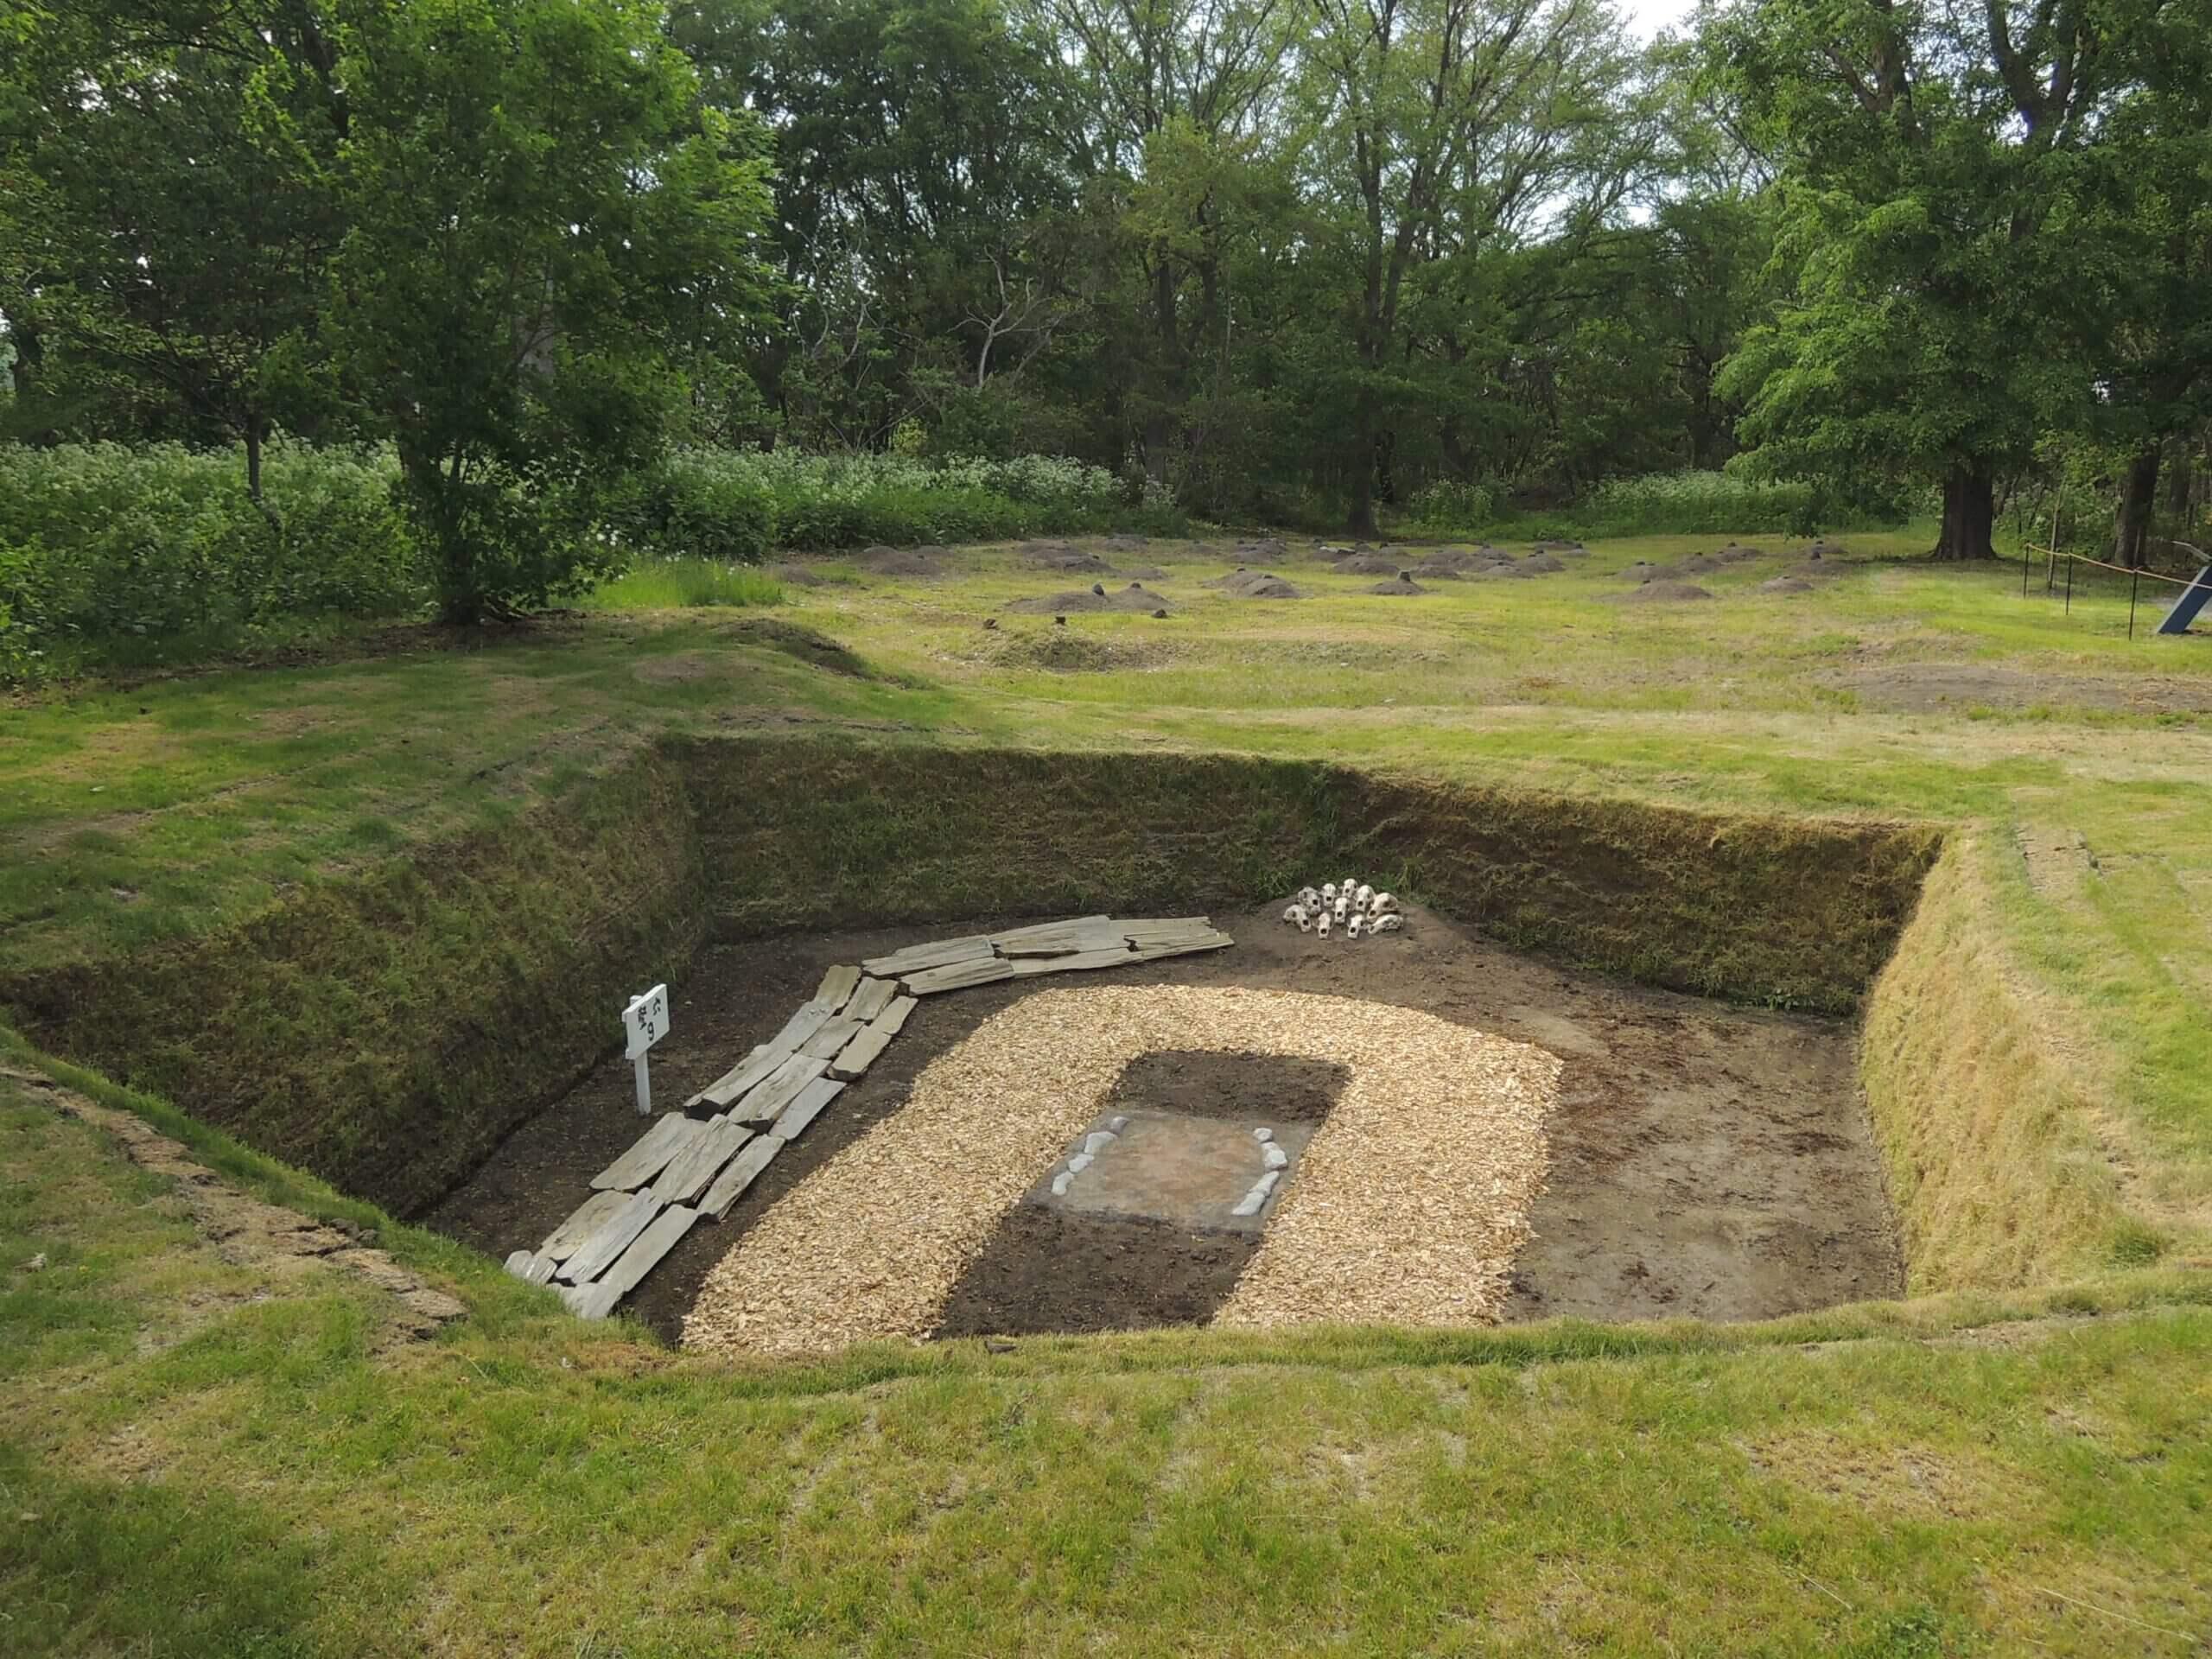 最寄貝塚館:千年前的網走村落遺跡博物館